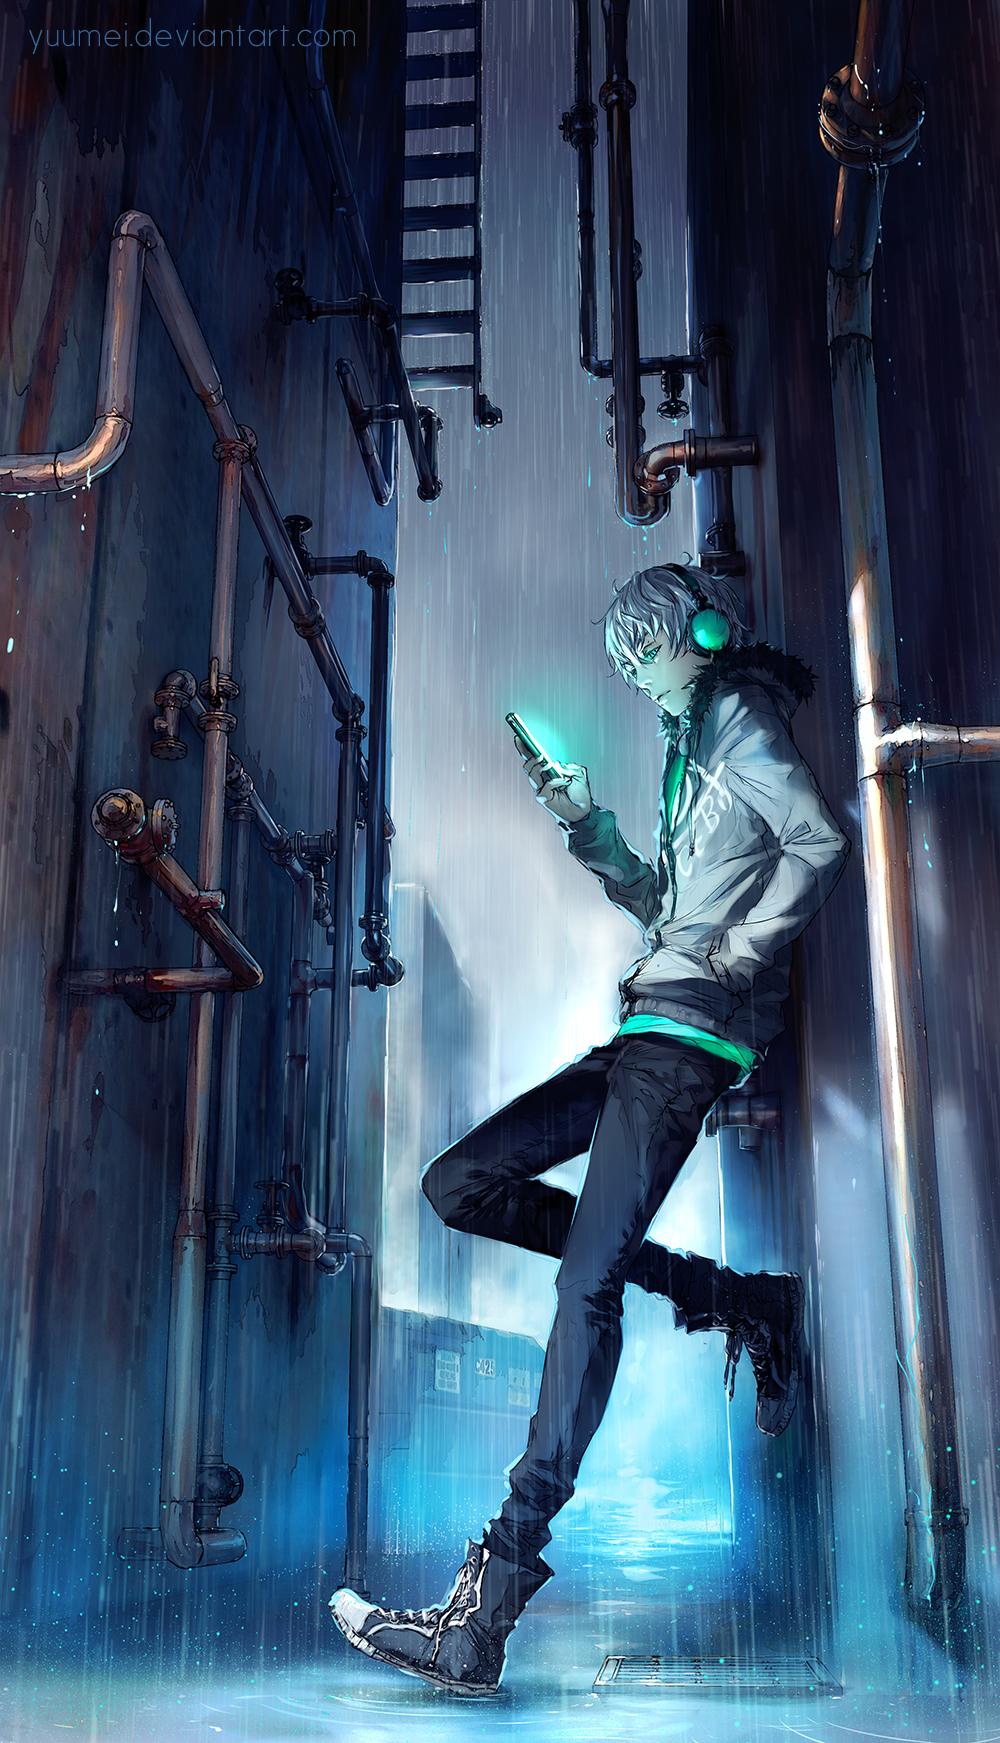 Under Rain by yuumei